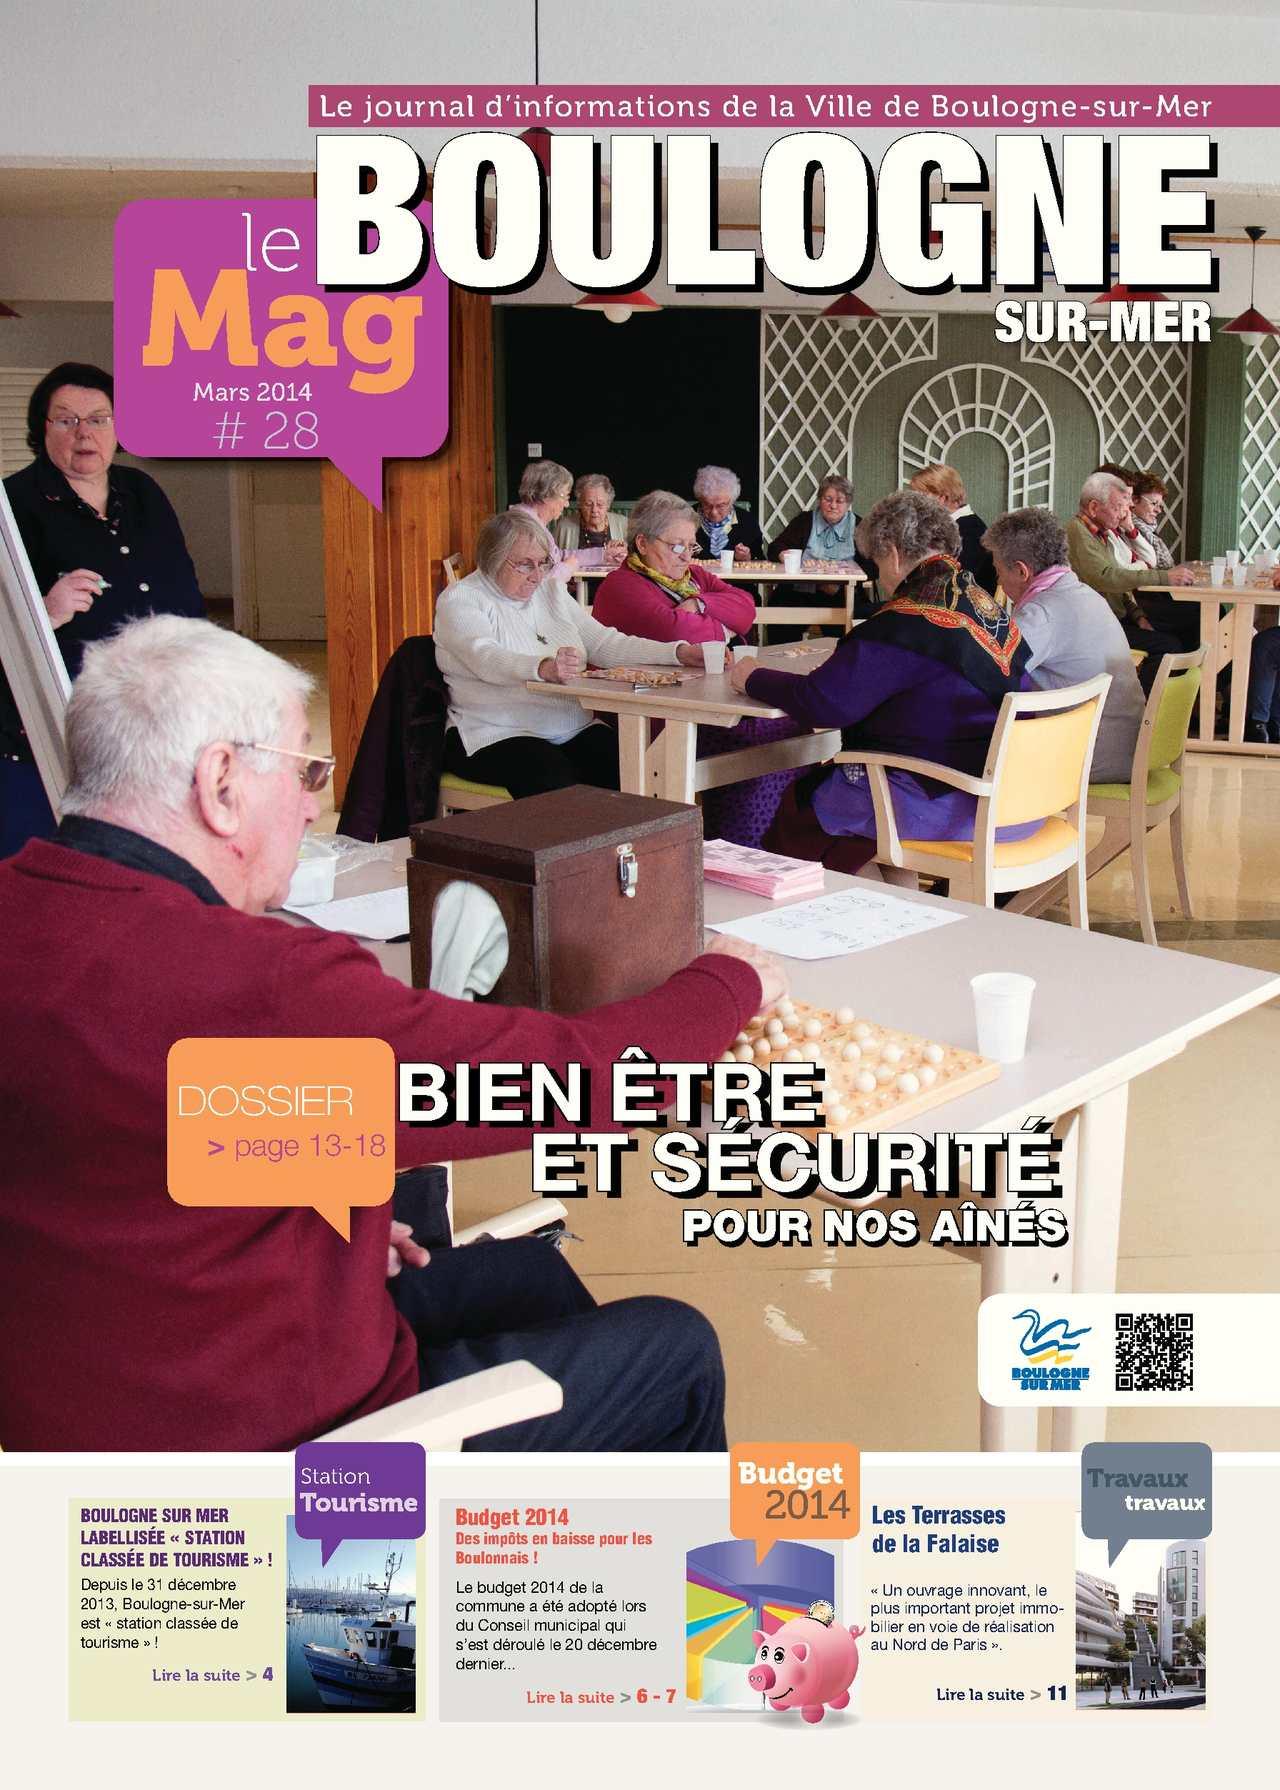 calam o le mag le journal d 39 information de la ville de boulogne sur mer mars 2014. Black Bedroom Furniture Sets. Home Design Ideas